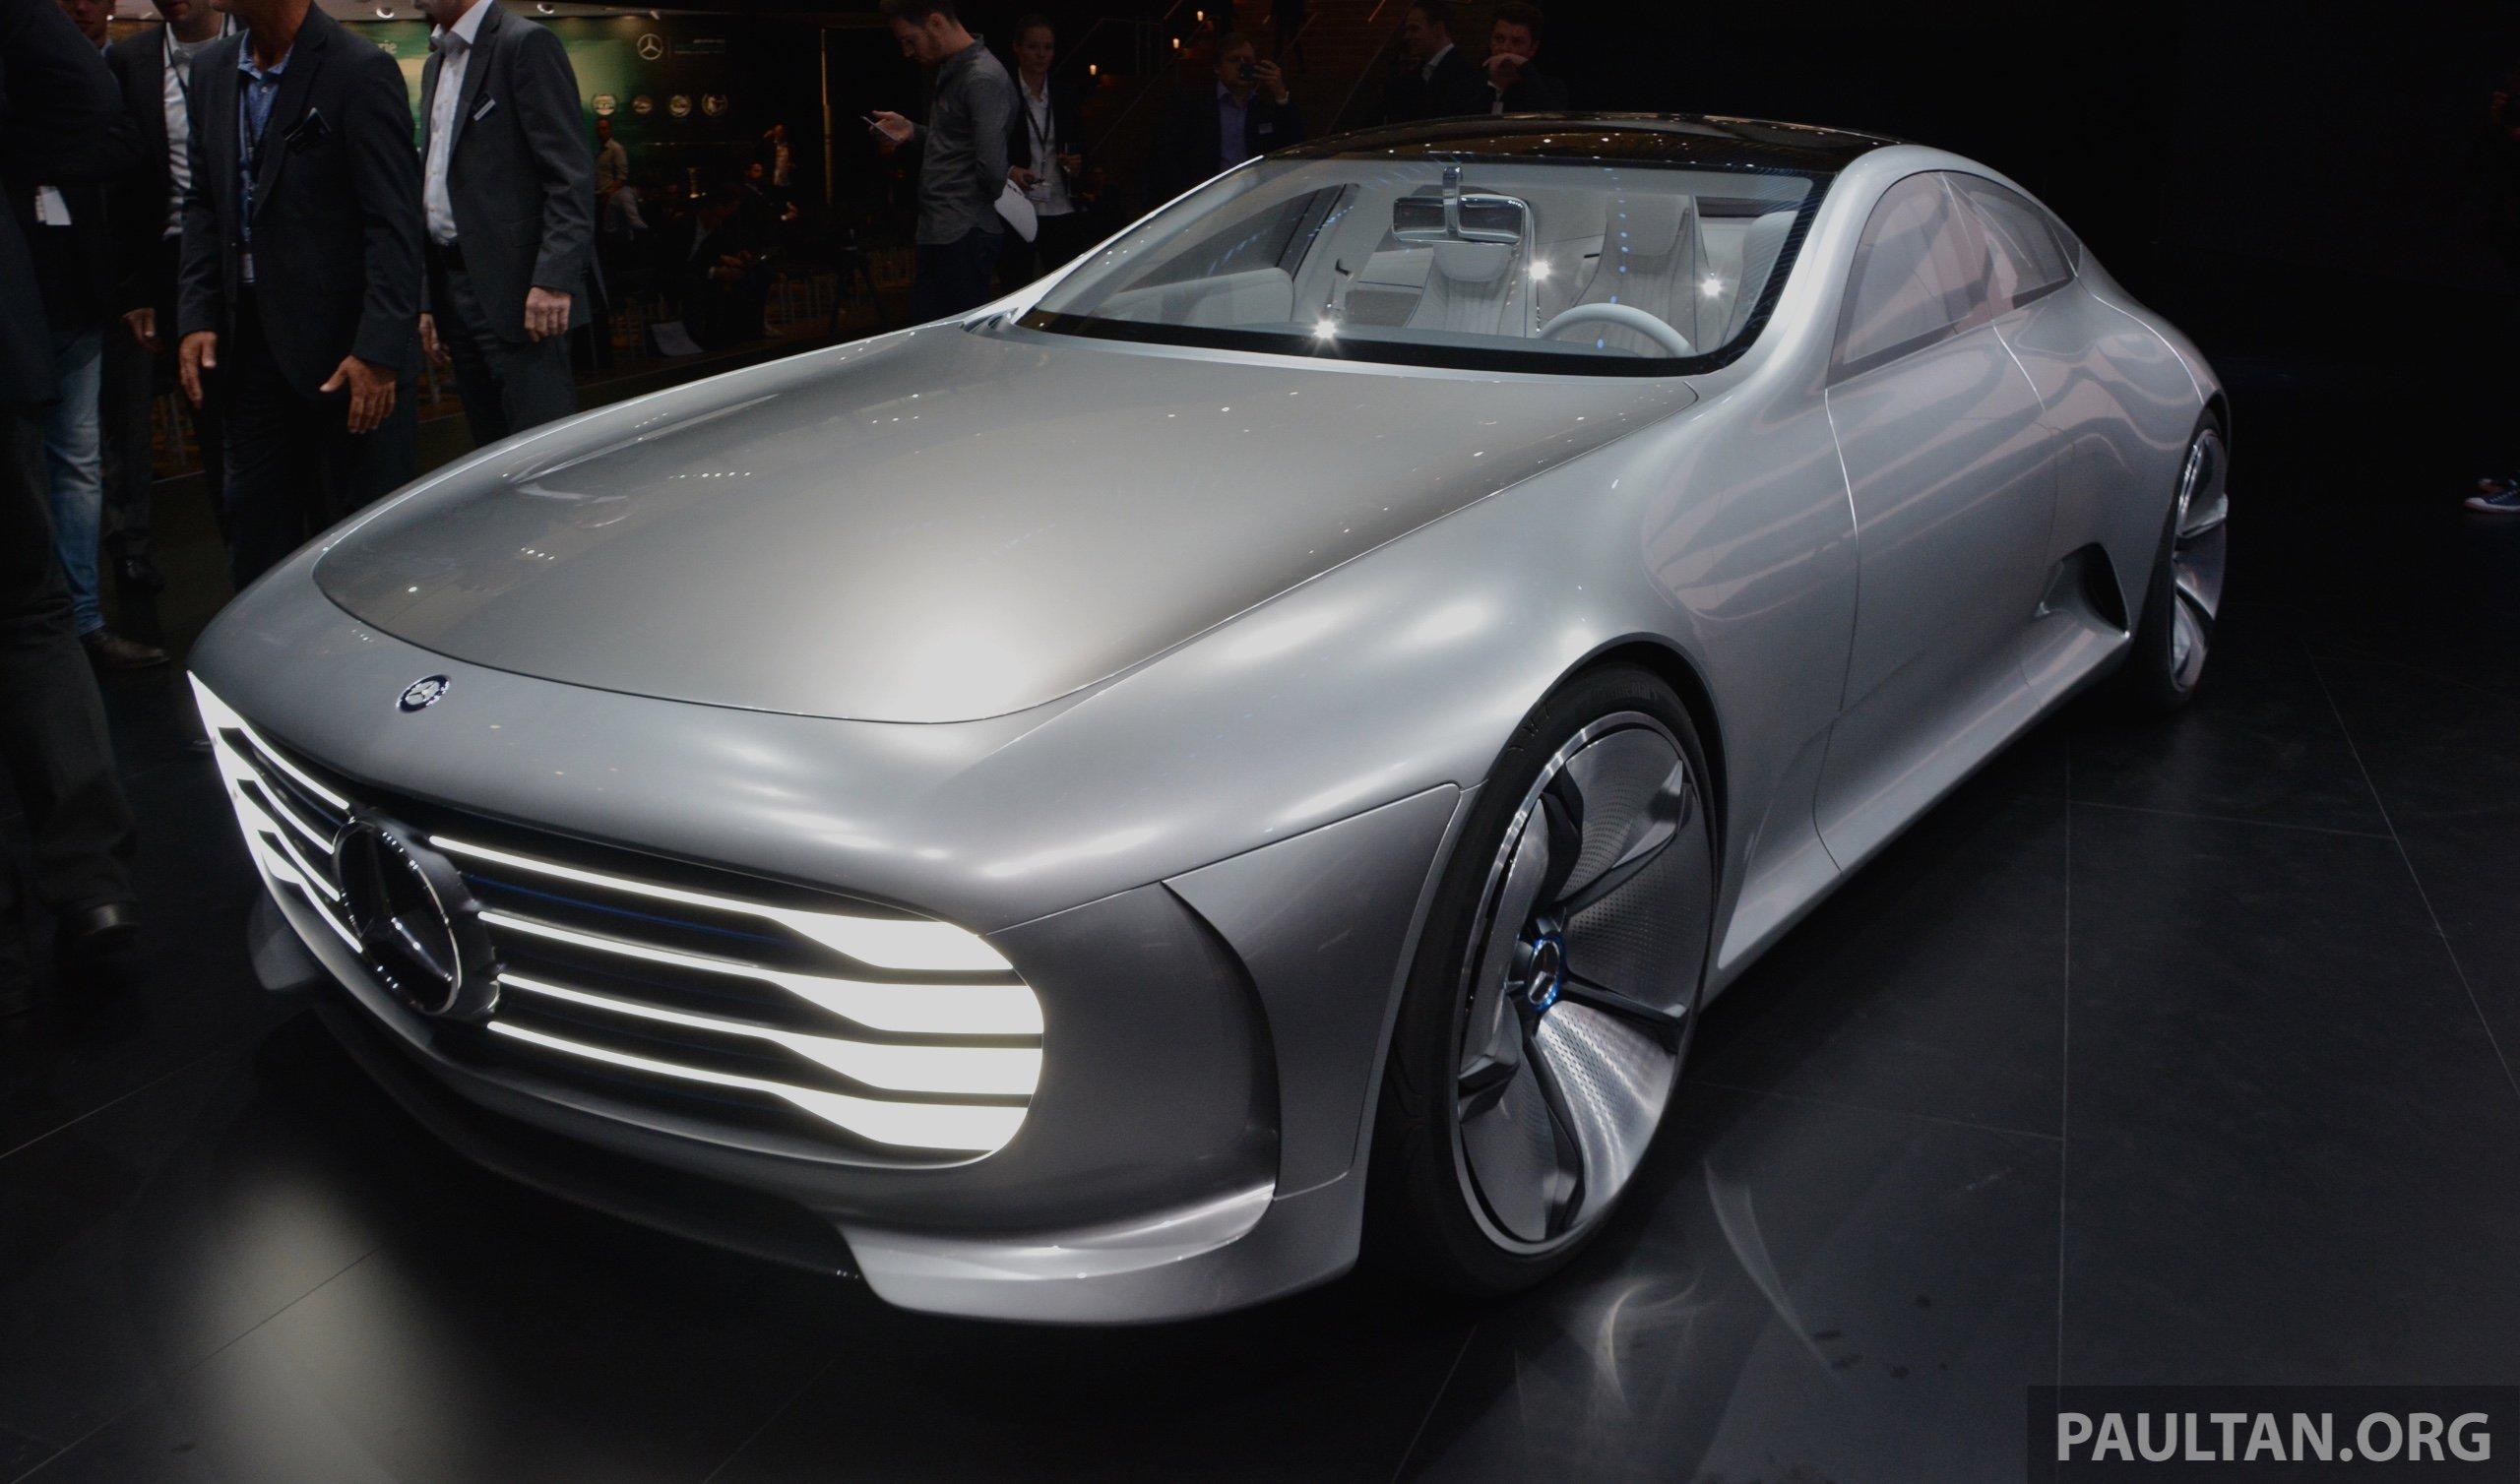 https://s1.paultan.org/image/2015/09/Mercedes-Benz-Concept-IAA-Frankfurt-1.jpg